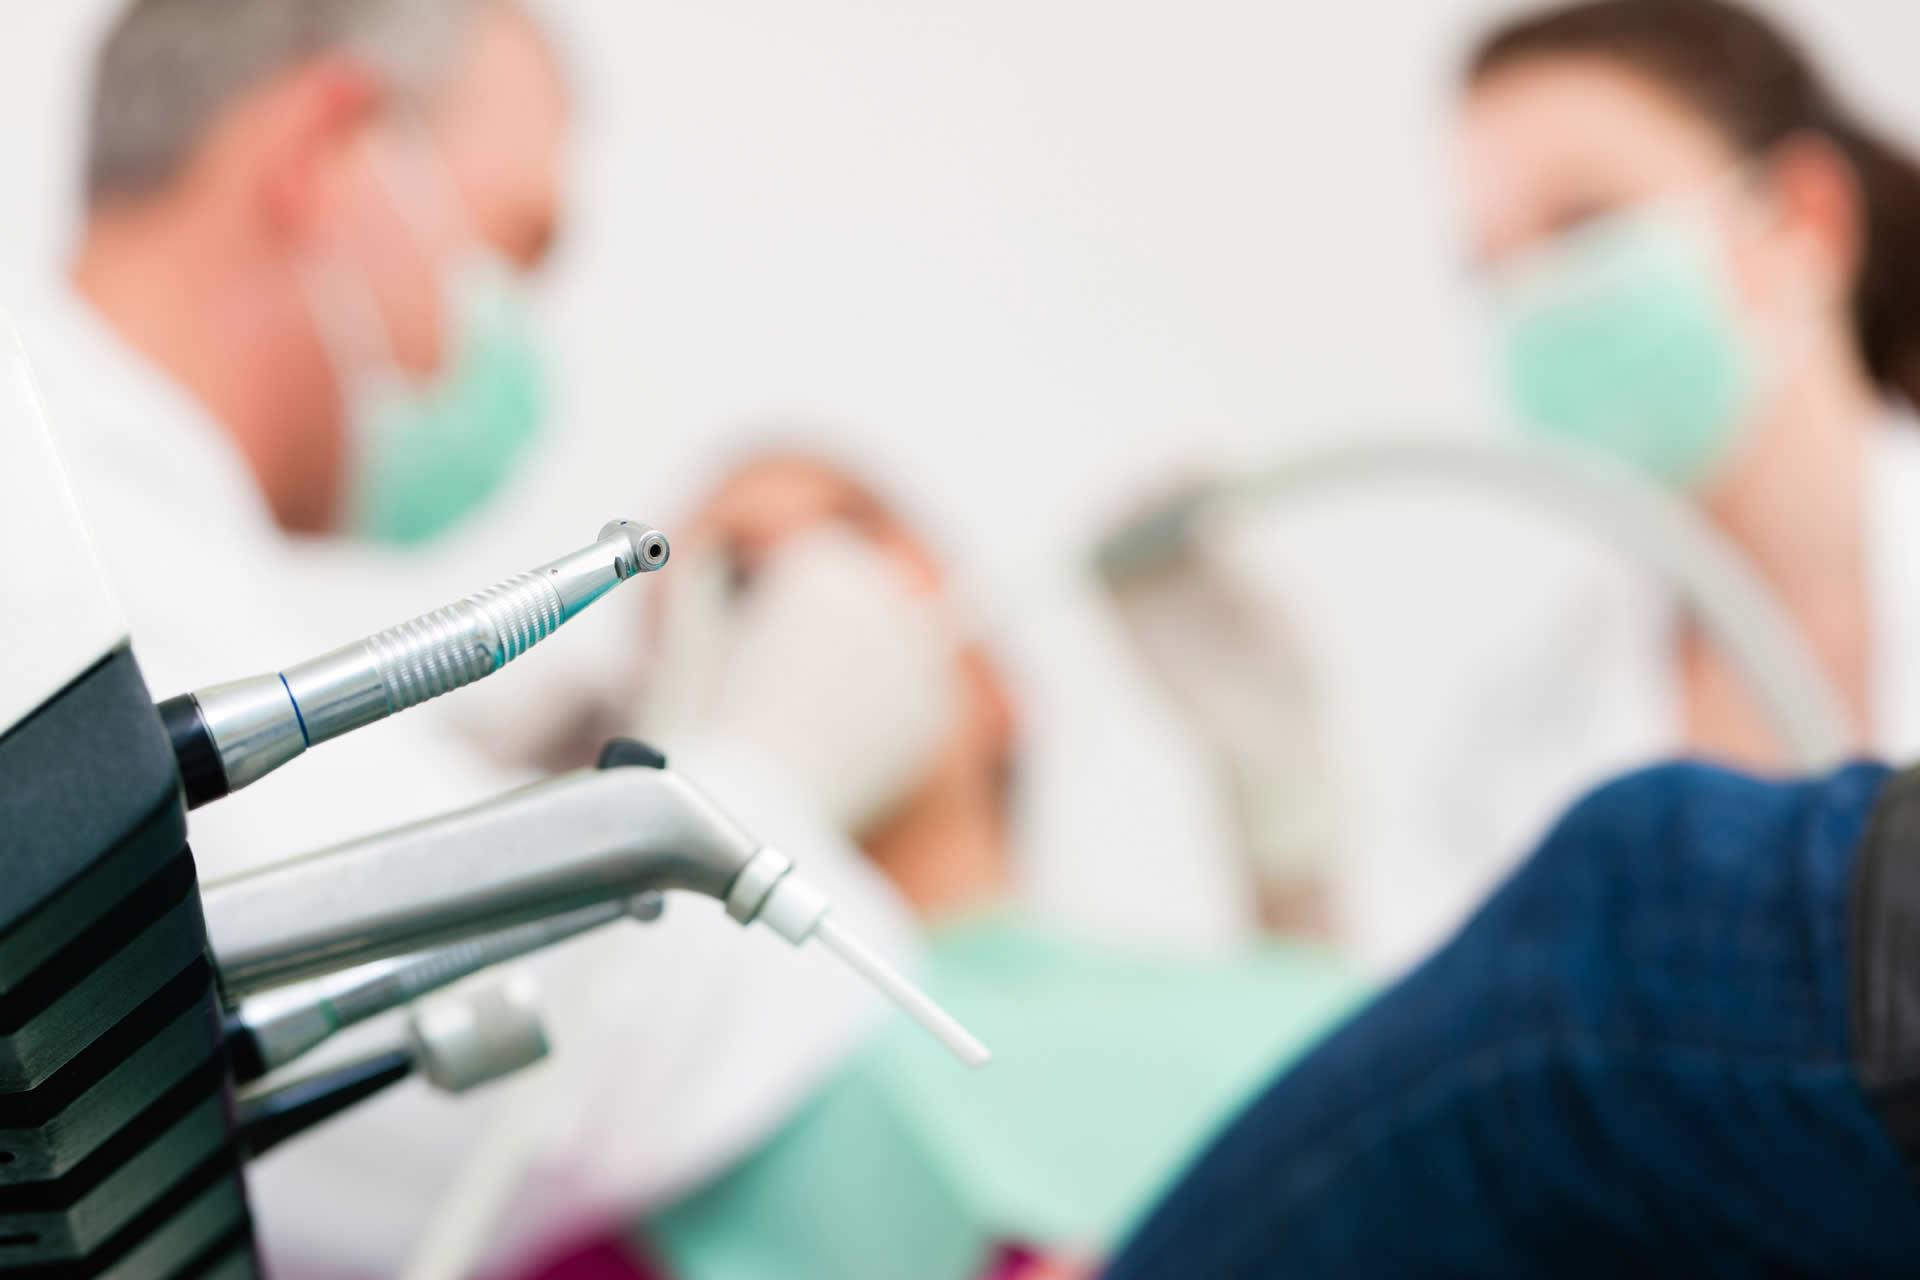 Parodontite intervento chirurgico cura